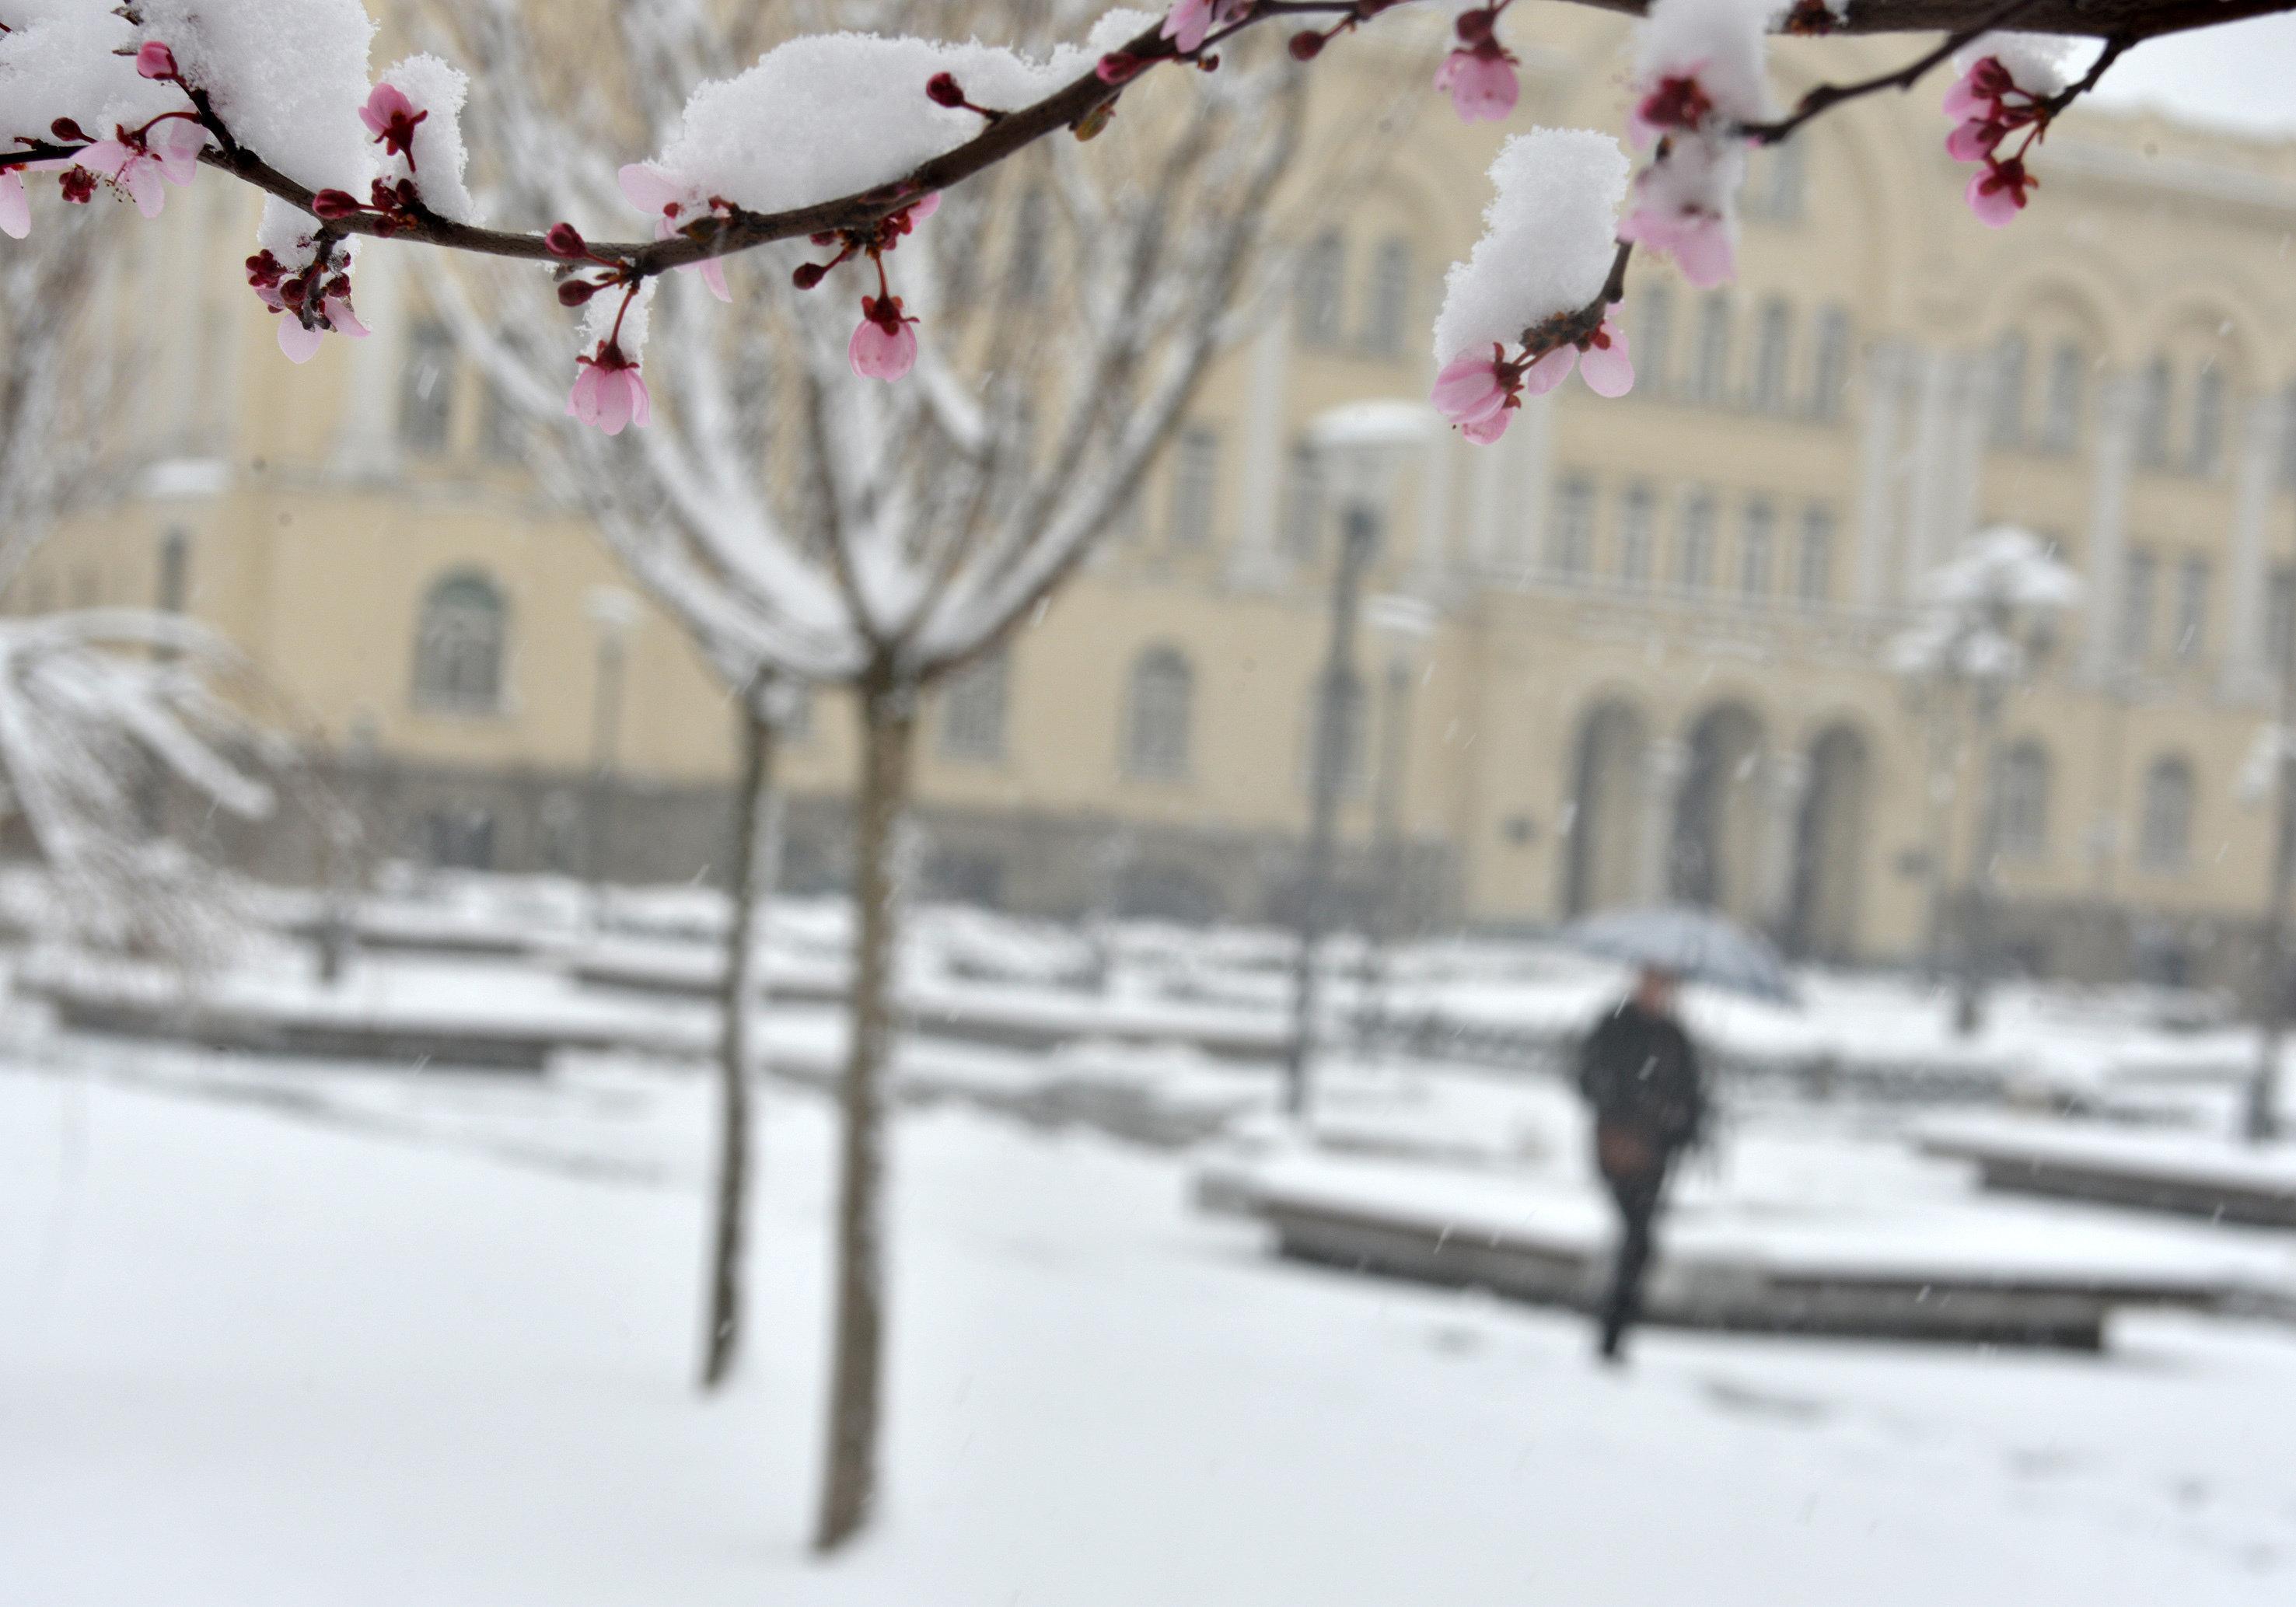 Winter-Wetter: In der kommenden Woche erwarten uns eisige Winde, Schnee und